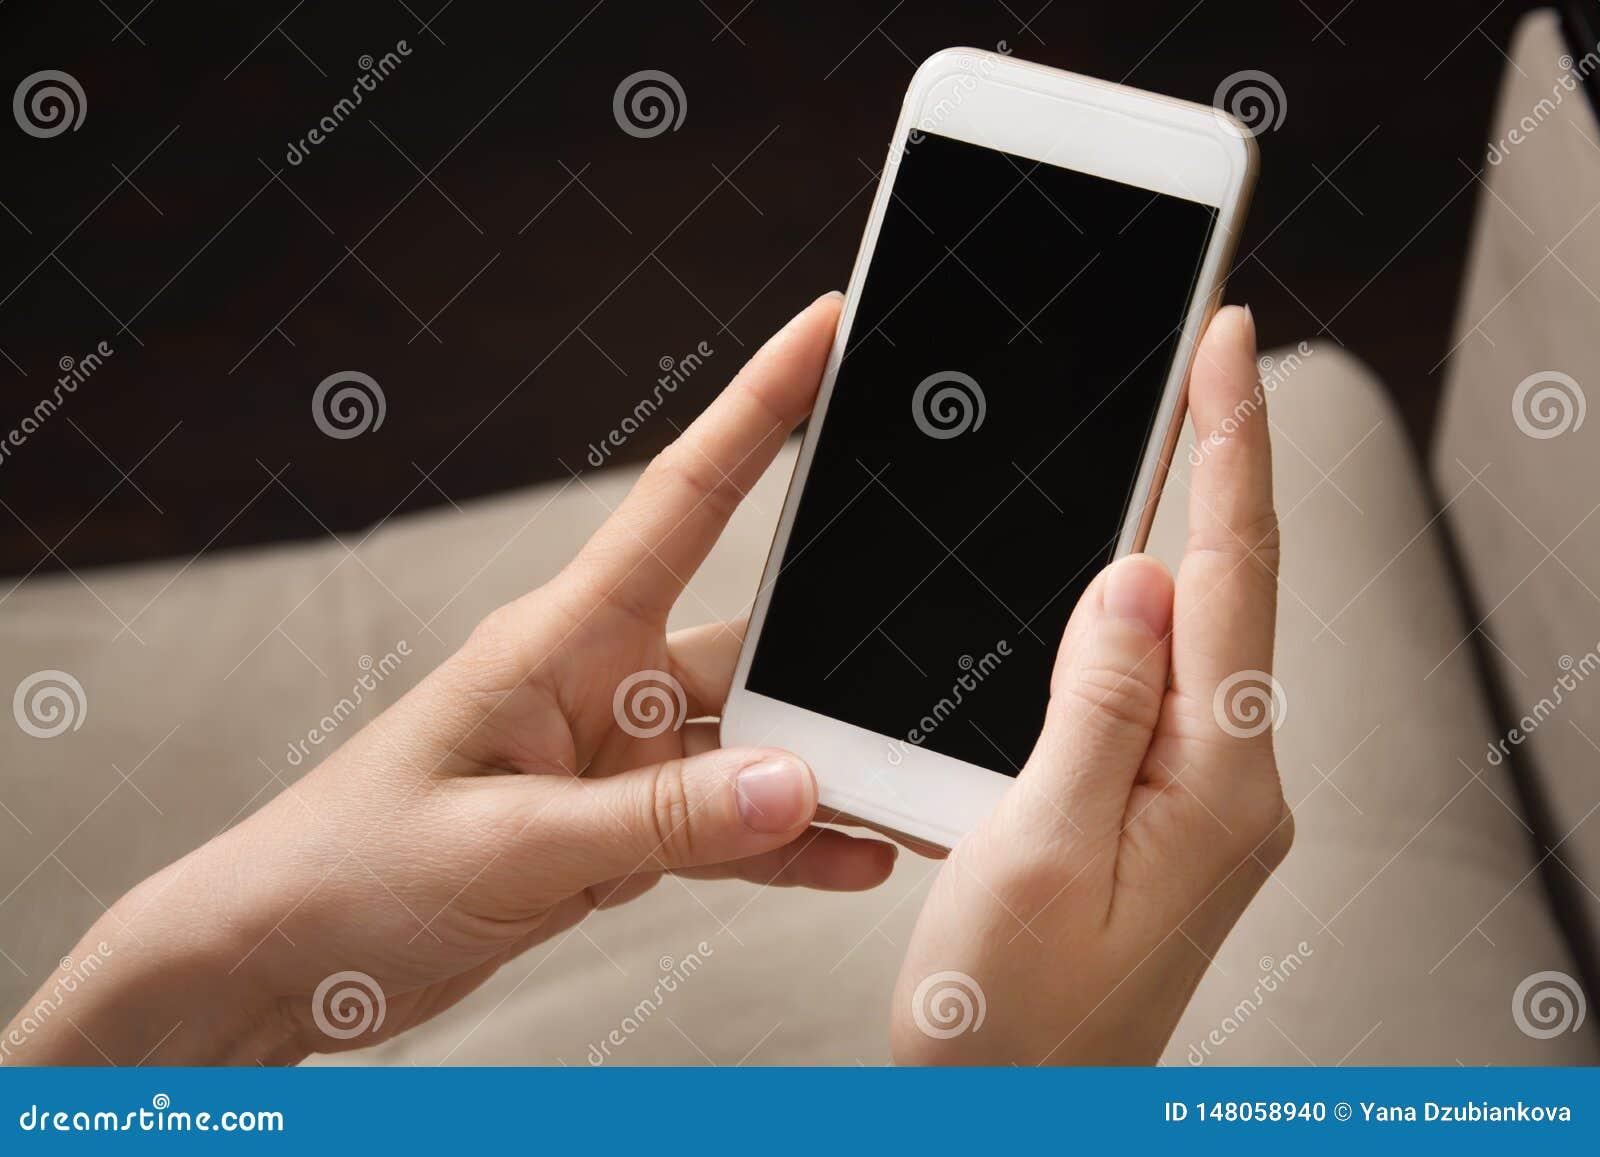 As m?os f?meas guardam o telefone branco em suas m?os Close-up do telefone celular